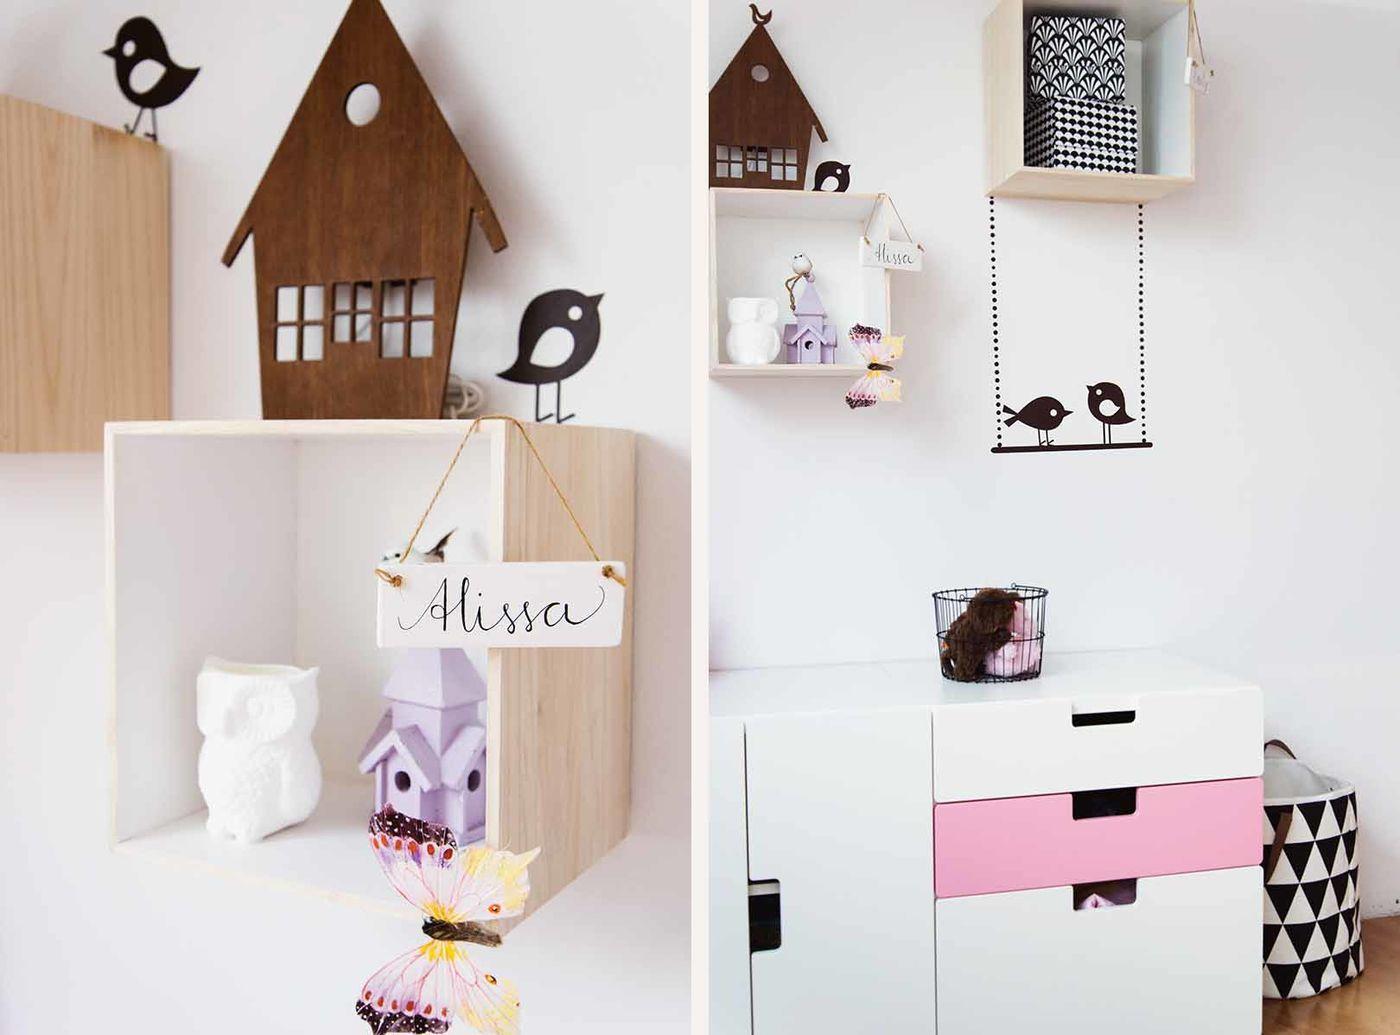 Ikea Kronleuchter Kinderzimmer ~ Ideen für das ikea stuva kinderzimmer einrichtungssystem seite 3